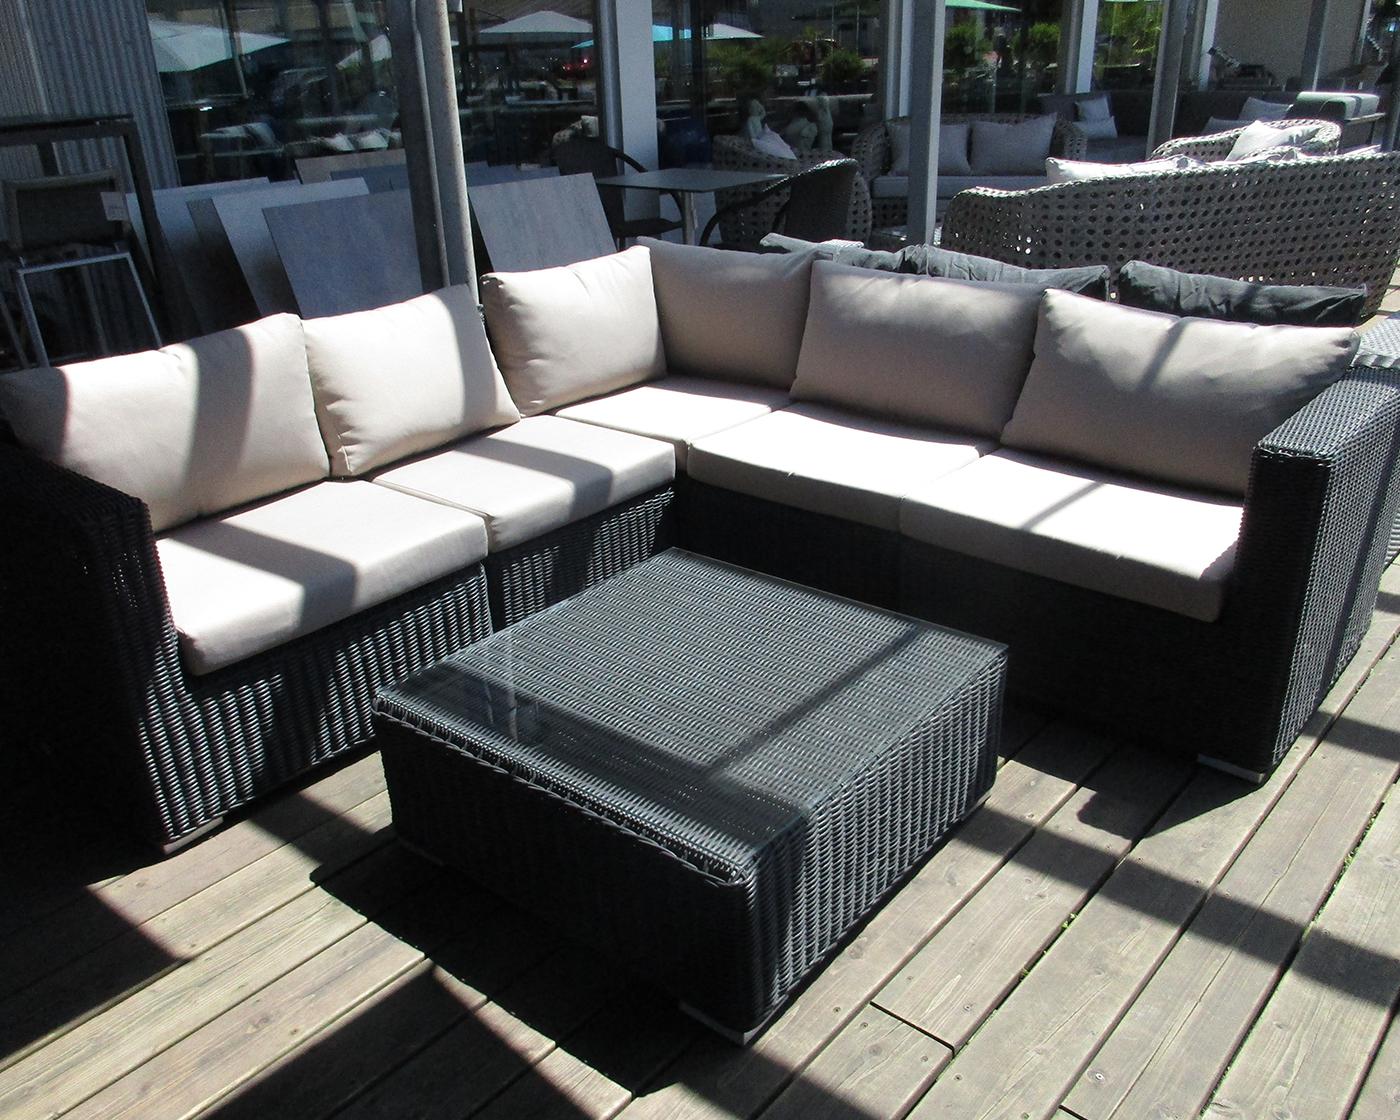 garten lounge chicago set. Black Bedroom Furniture Sets. Home Design Ideas